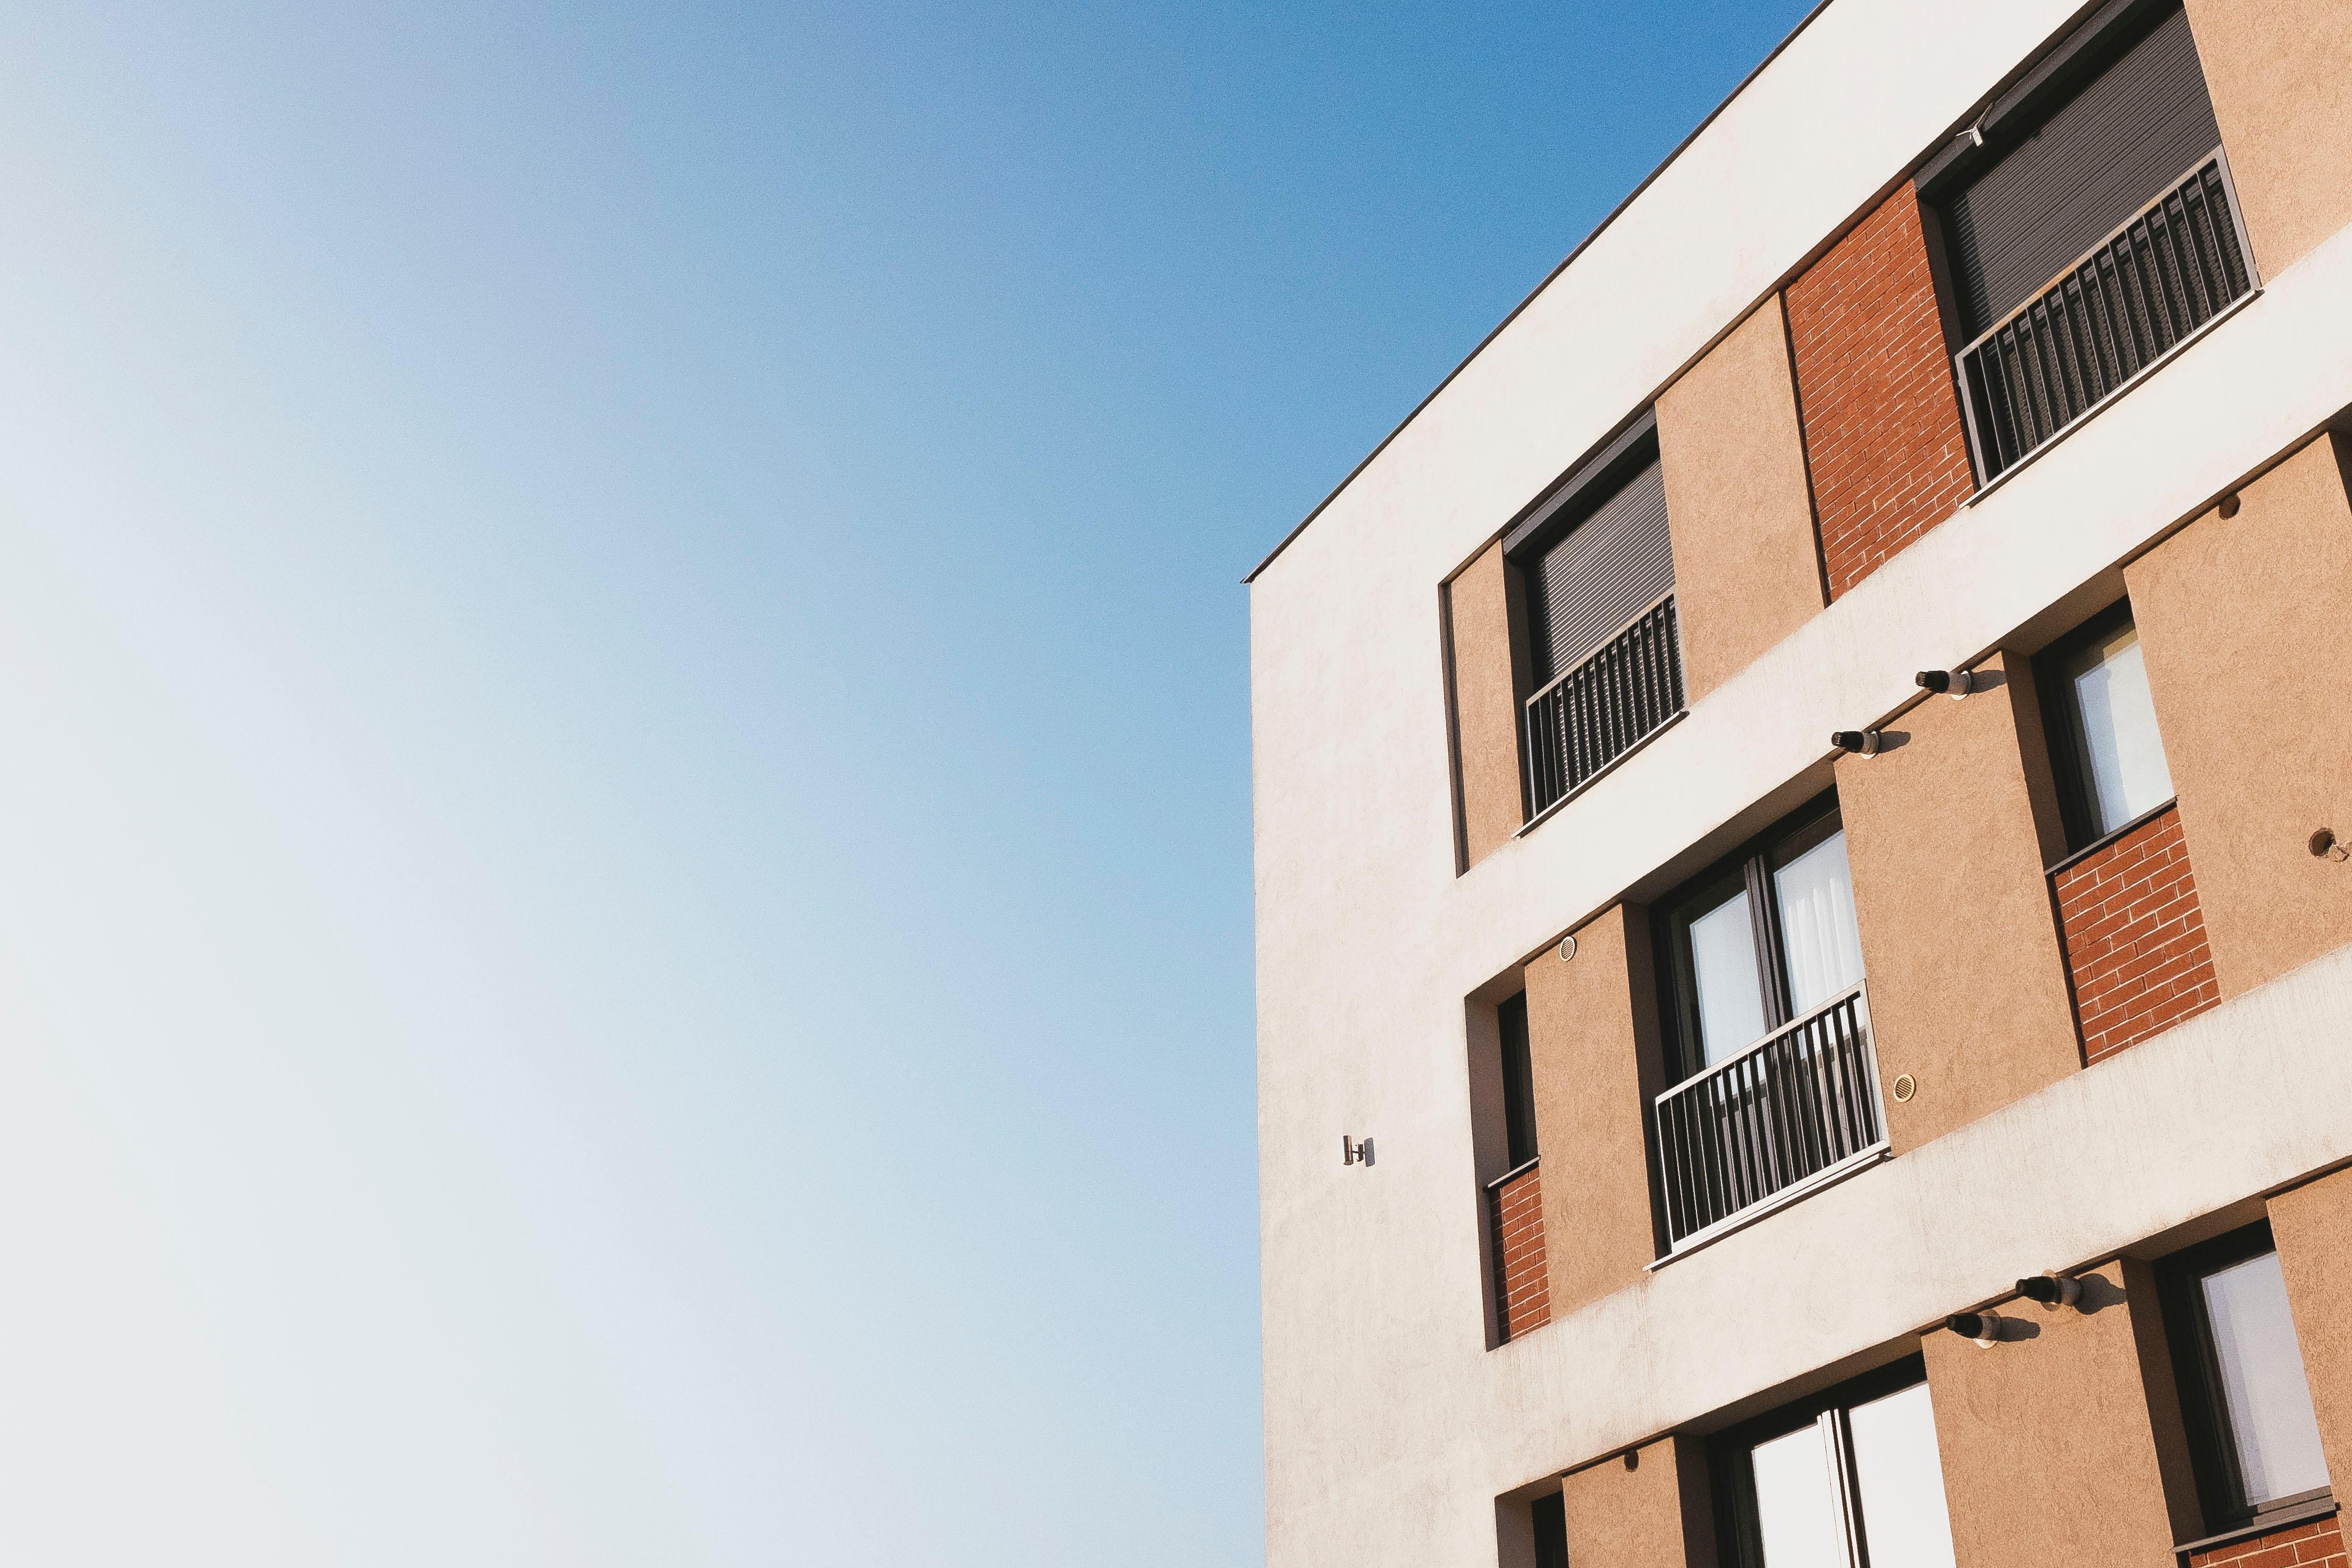 beratung kauf wohneigentum wohnung haus gewerbe mainz frankfurt wiesbaden